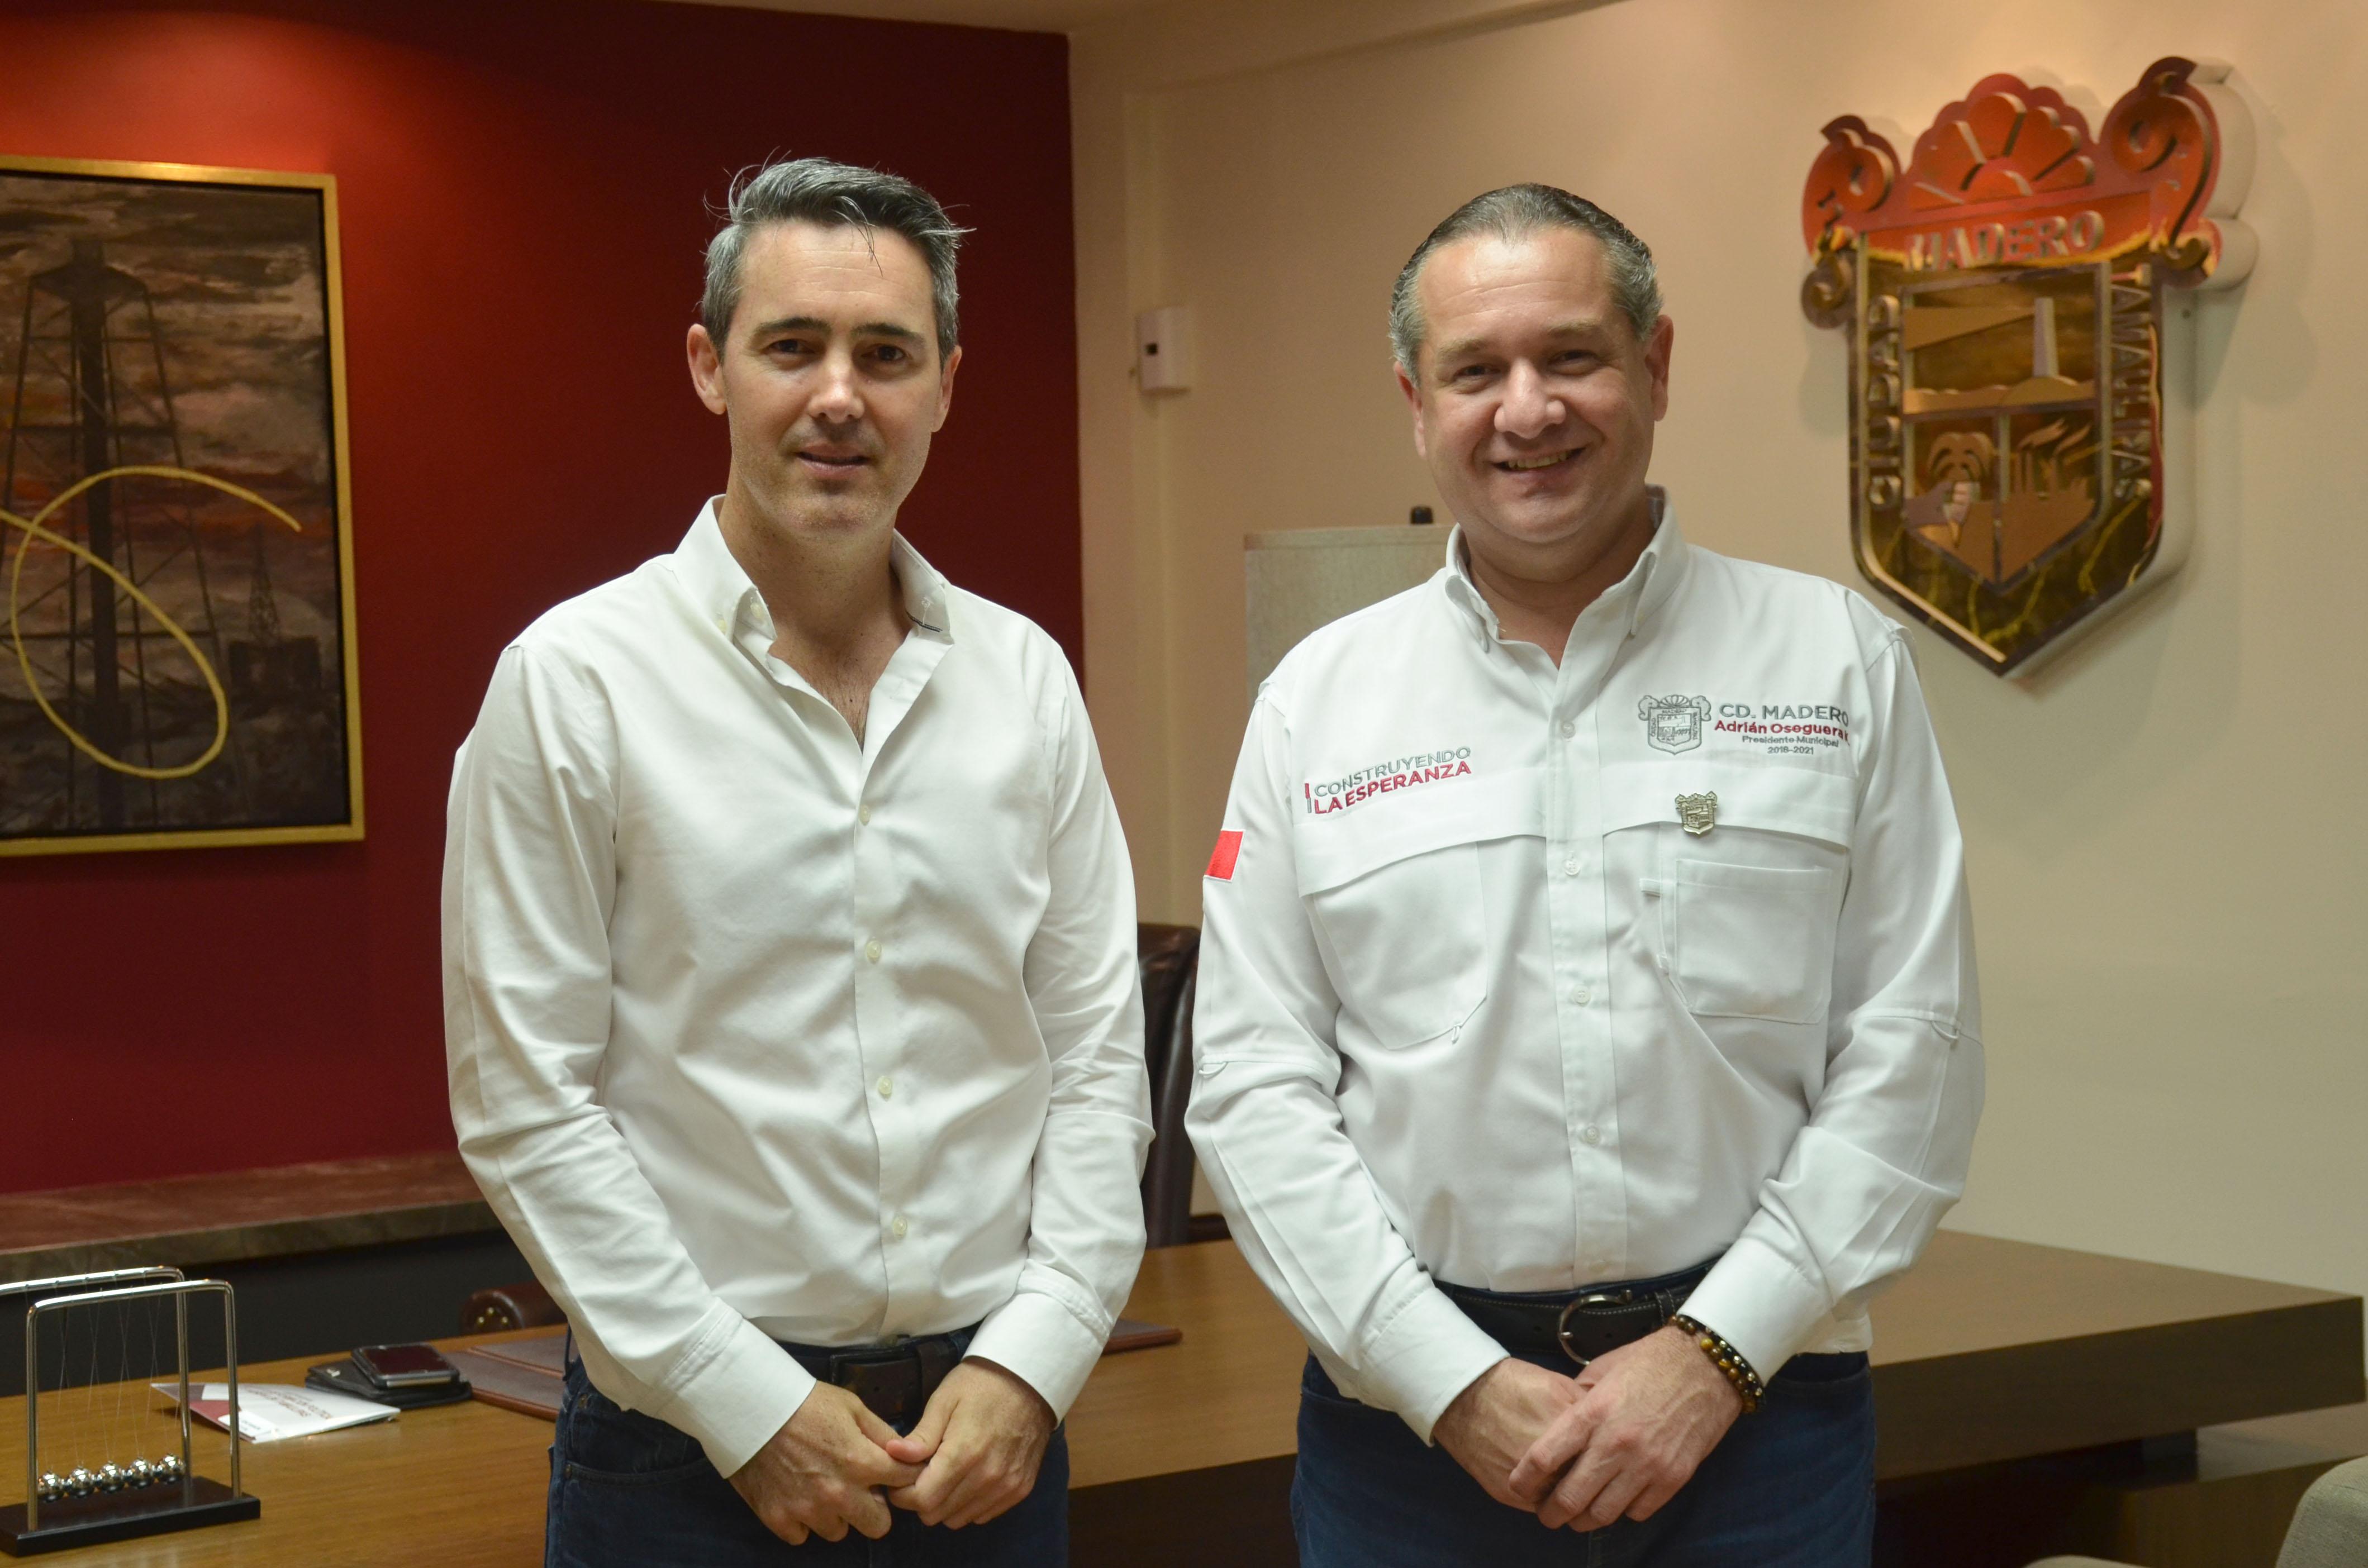 Pactan acuerdos Oseguera y JR Gómez Leal